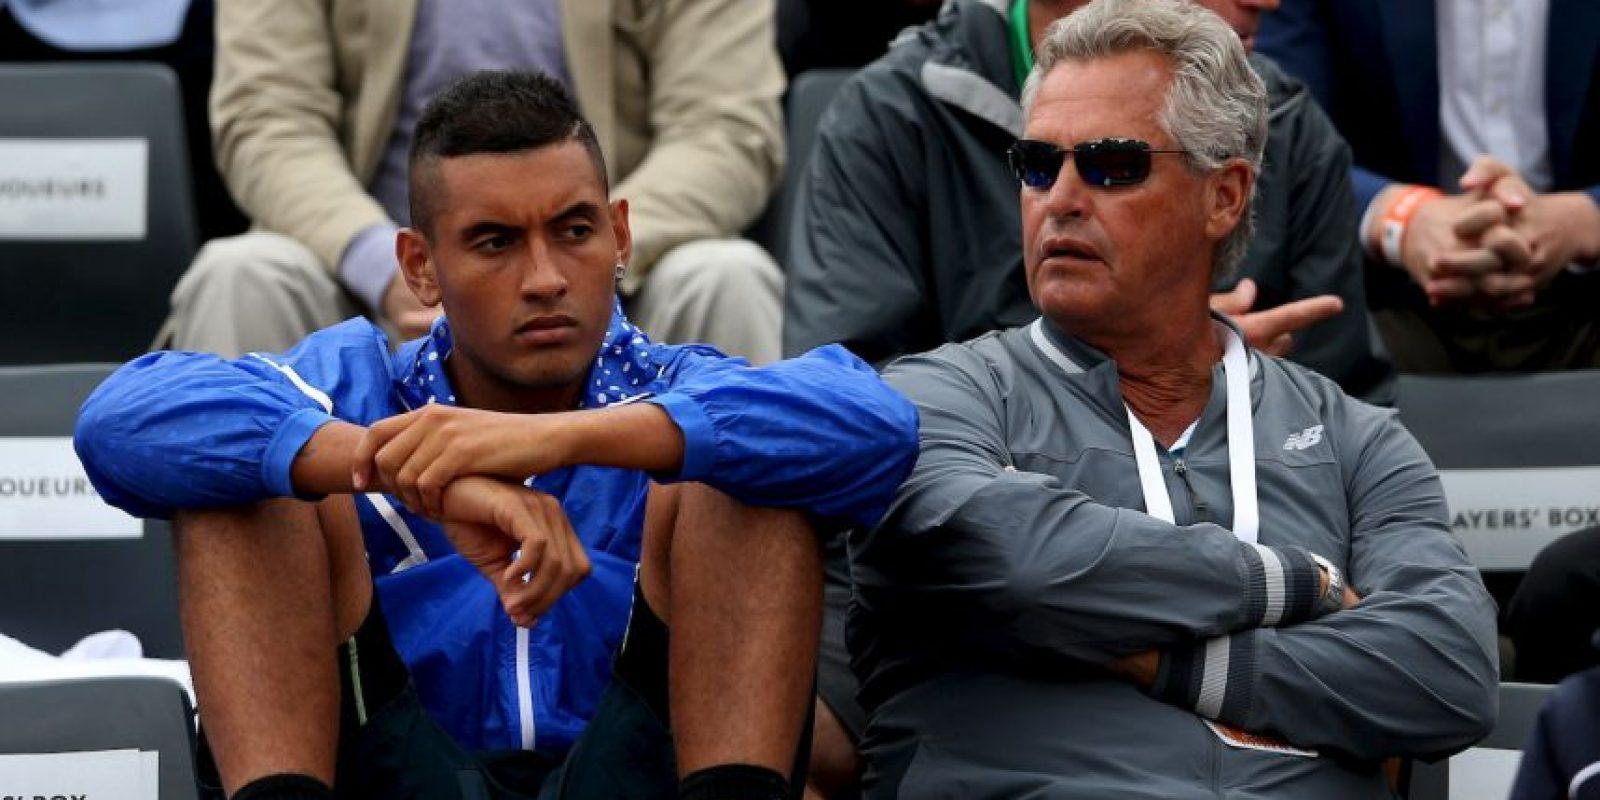 El joven tenista australiano, Nick Kyrgios, que ya está en segunda ronda, acudió a observar este juego. Foto:Getty Images